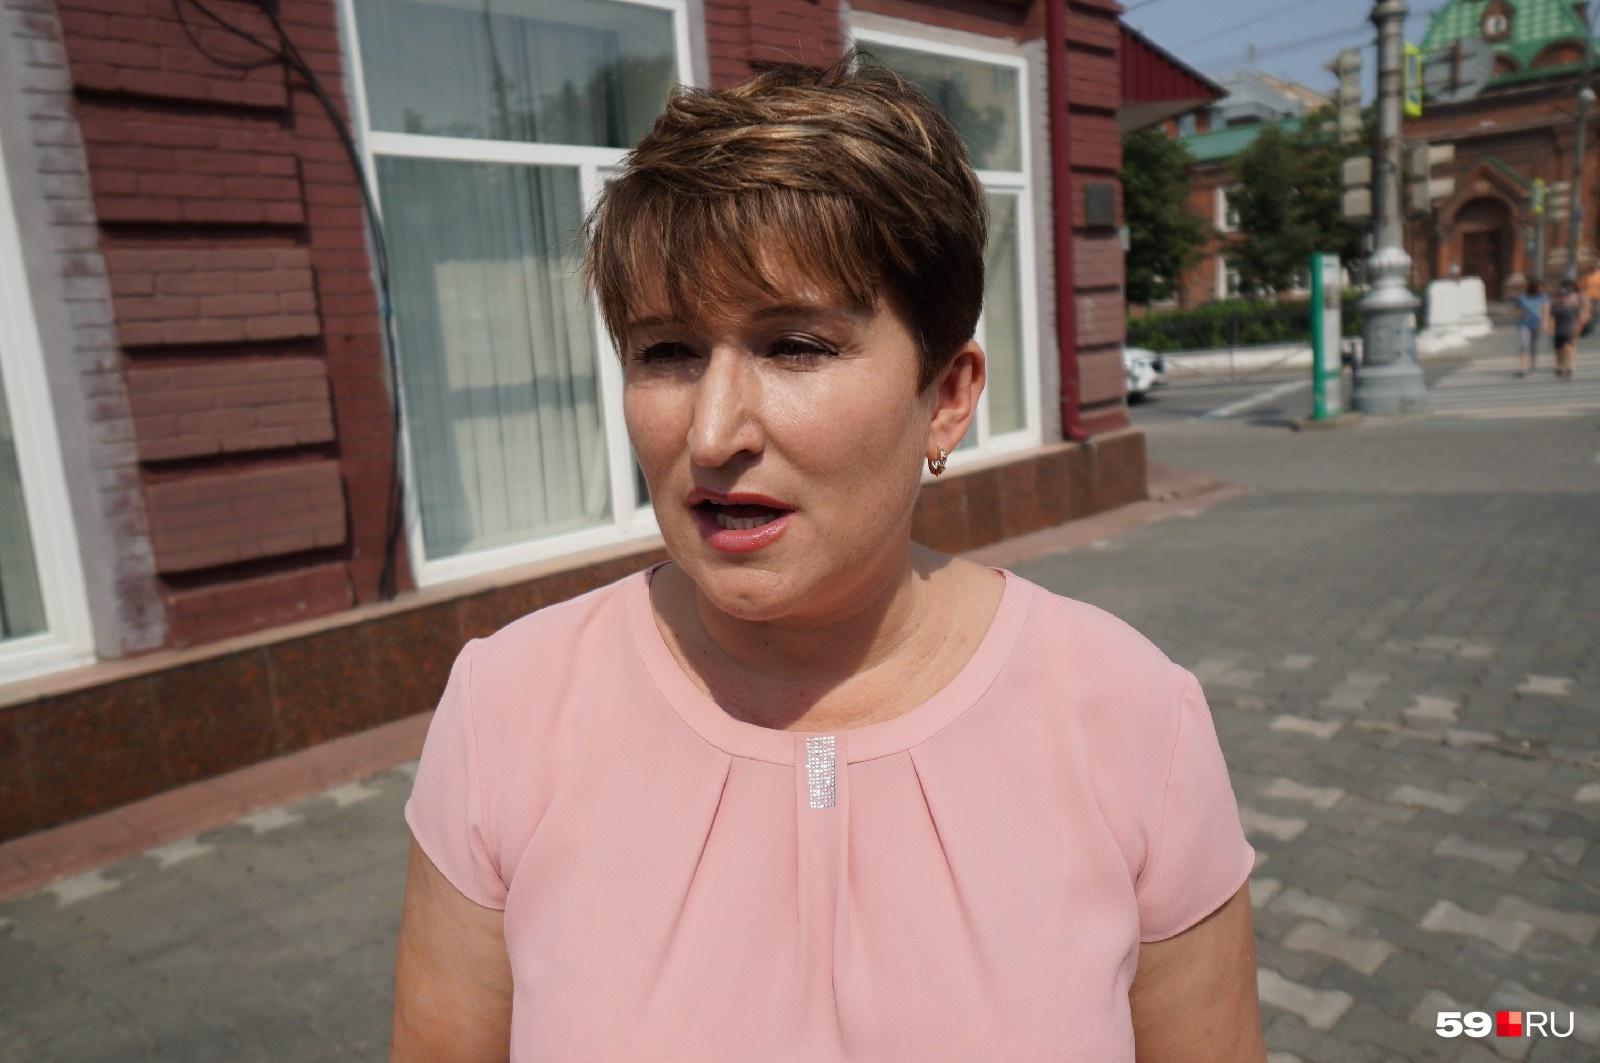 Марина Масленникова заметила, как чиновница пинает бездомного